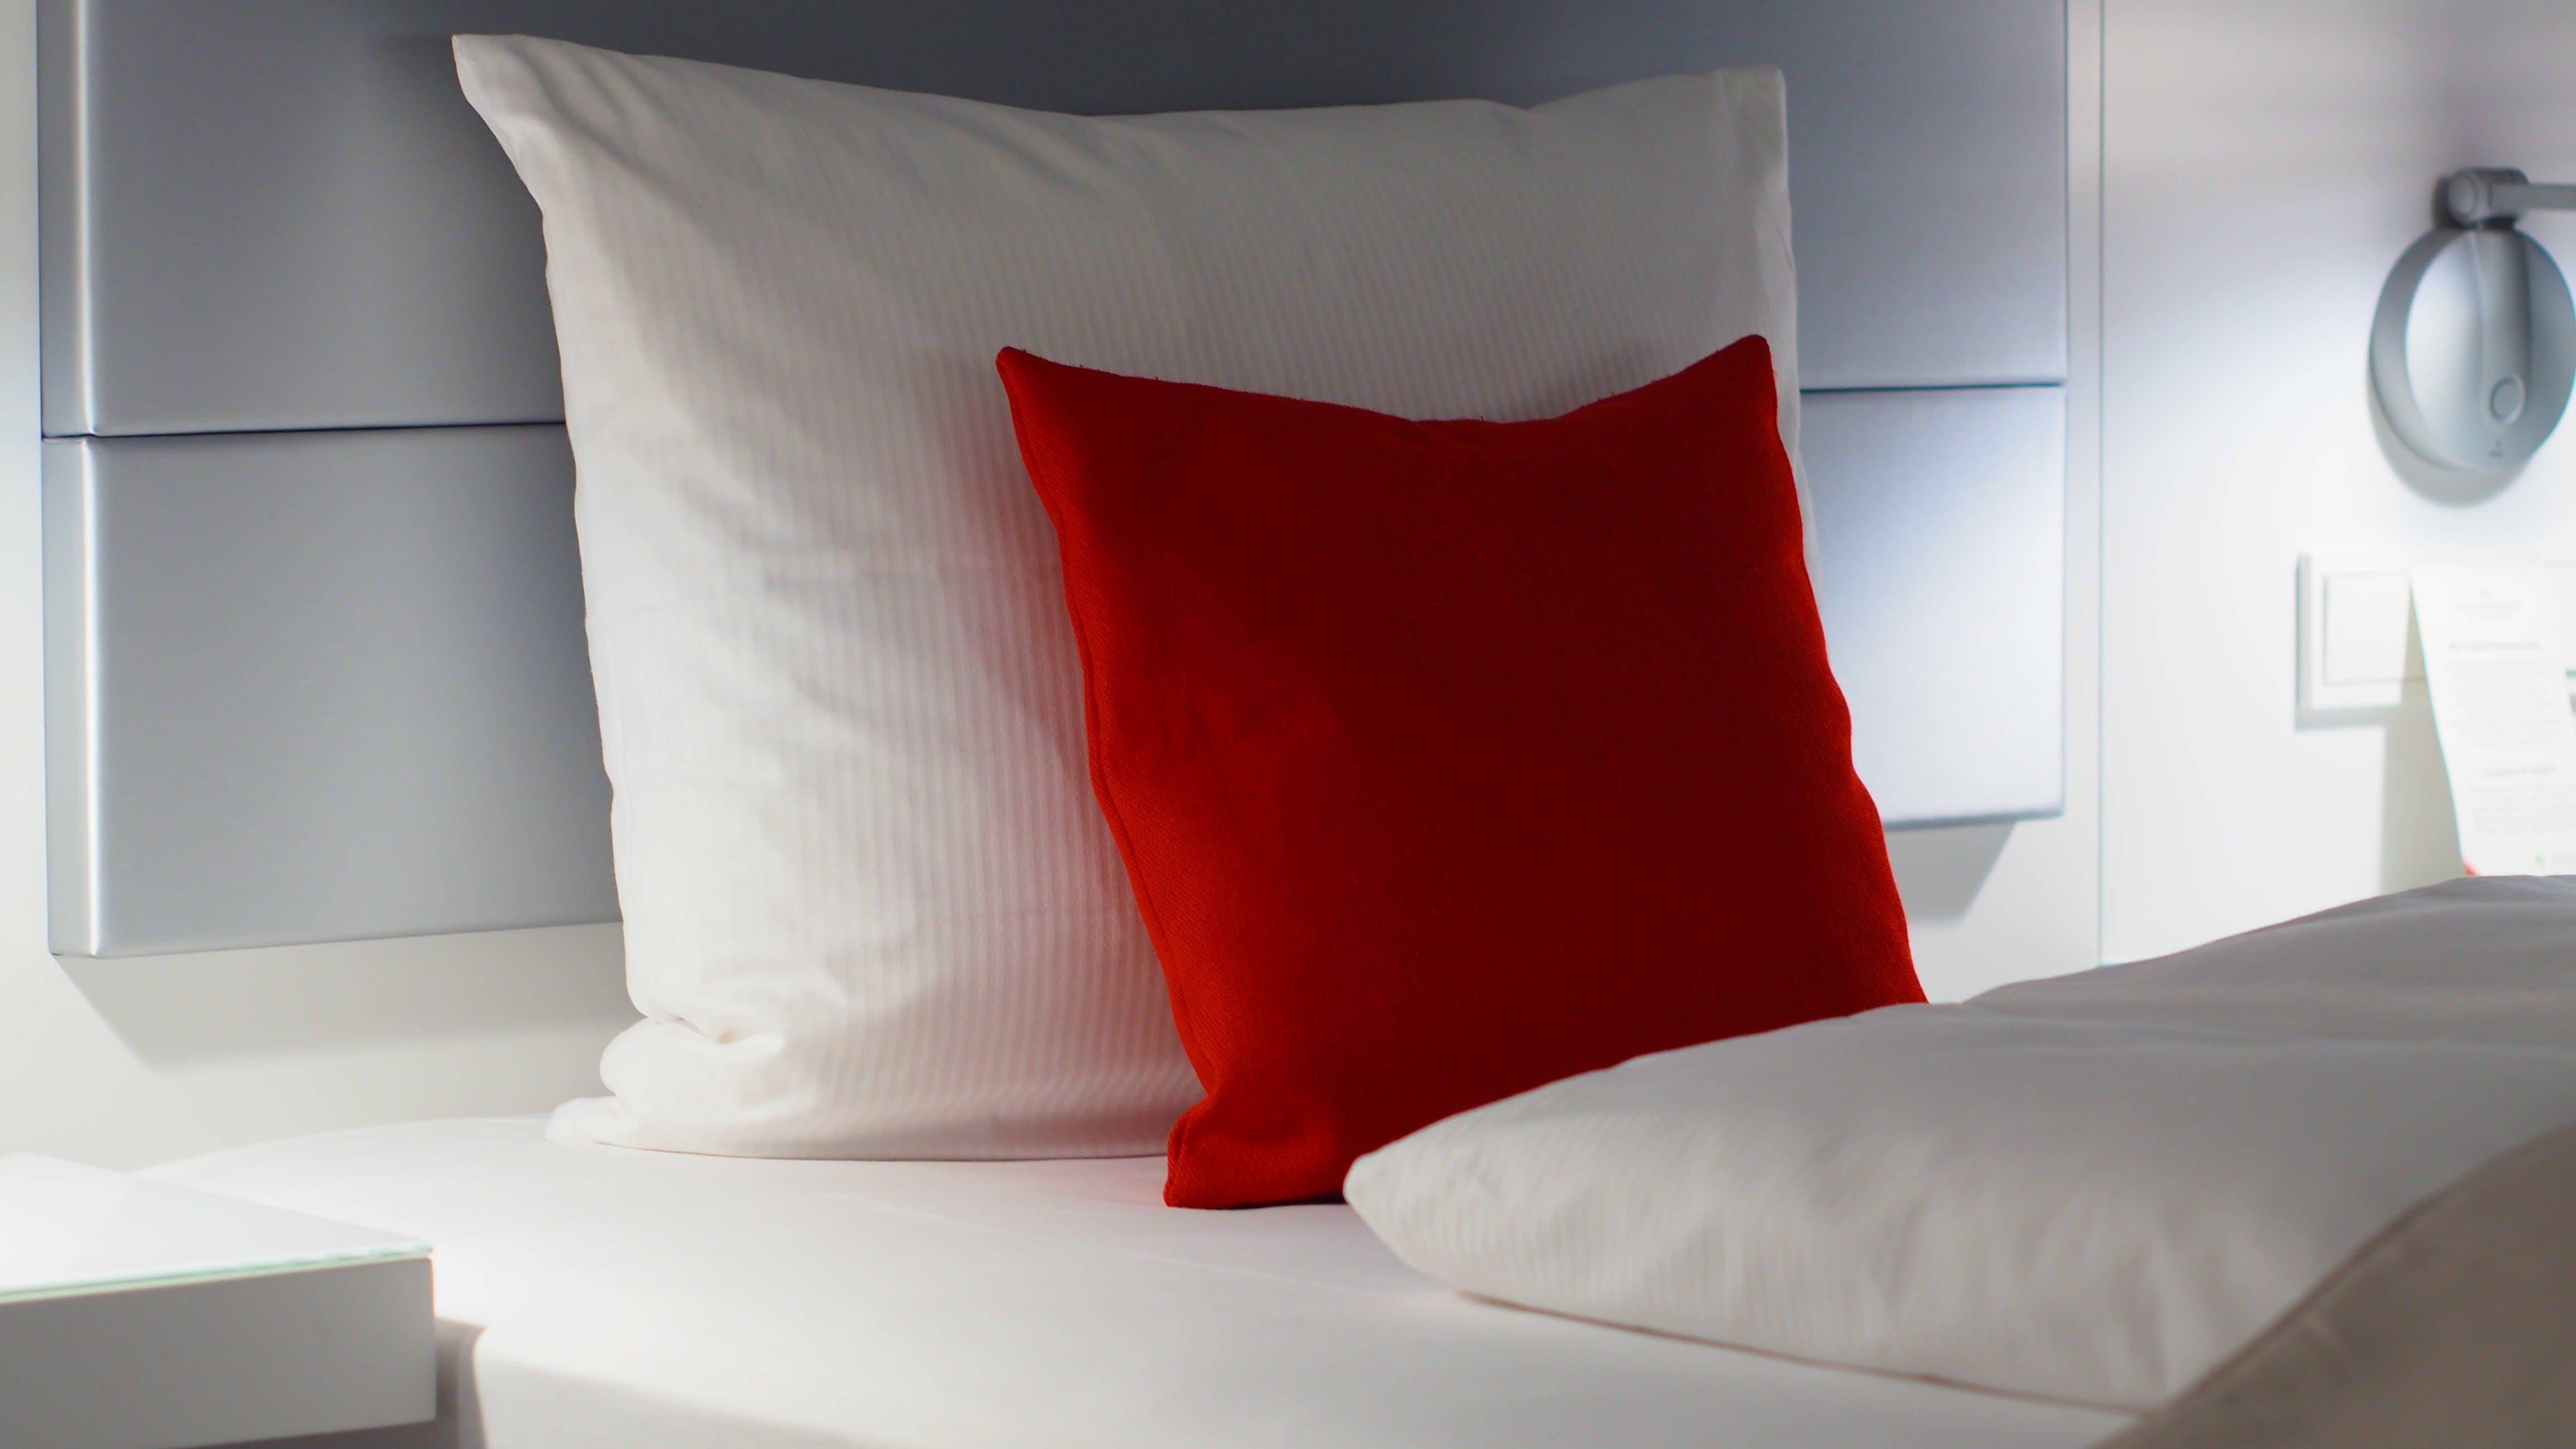 Immagine gratuita di bianco, camera, comfort, cuscini